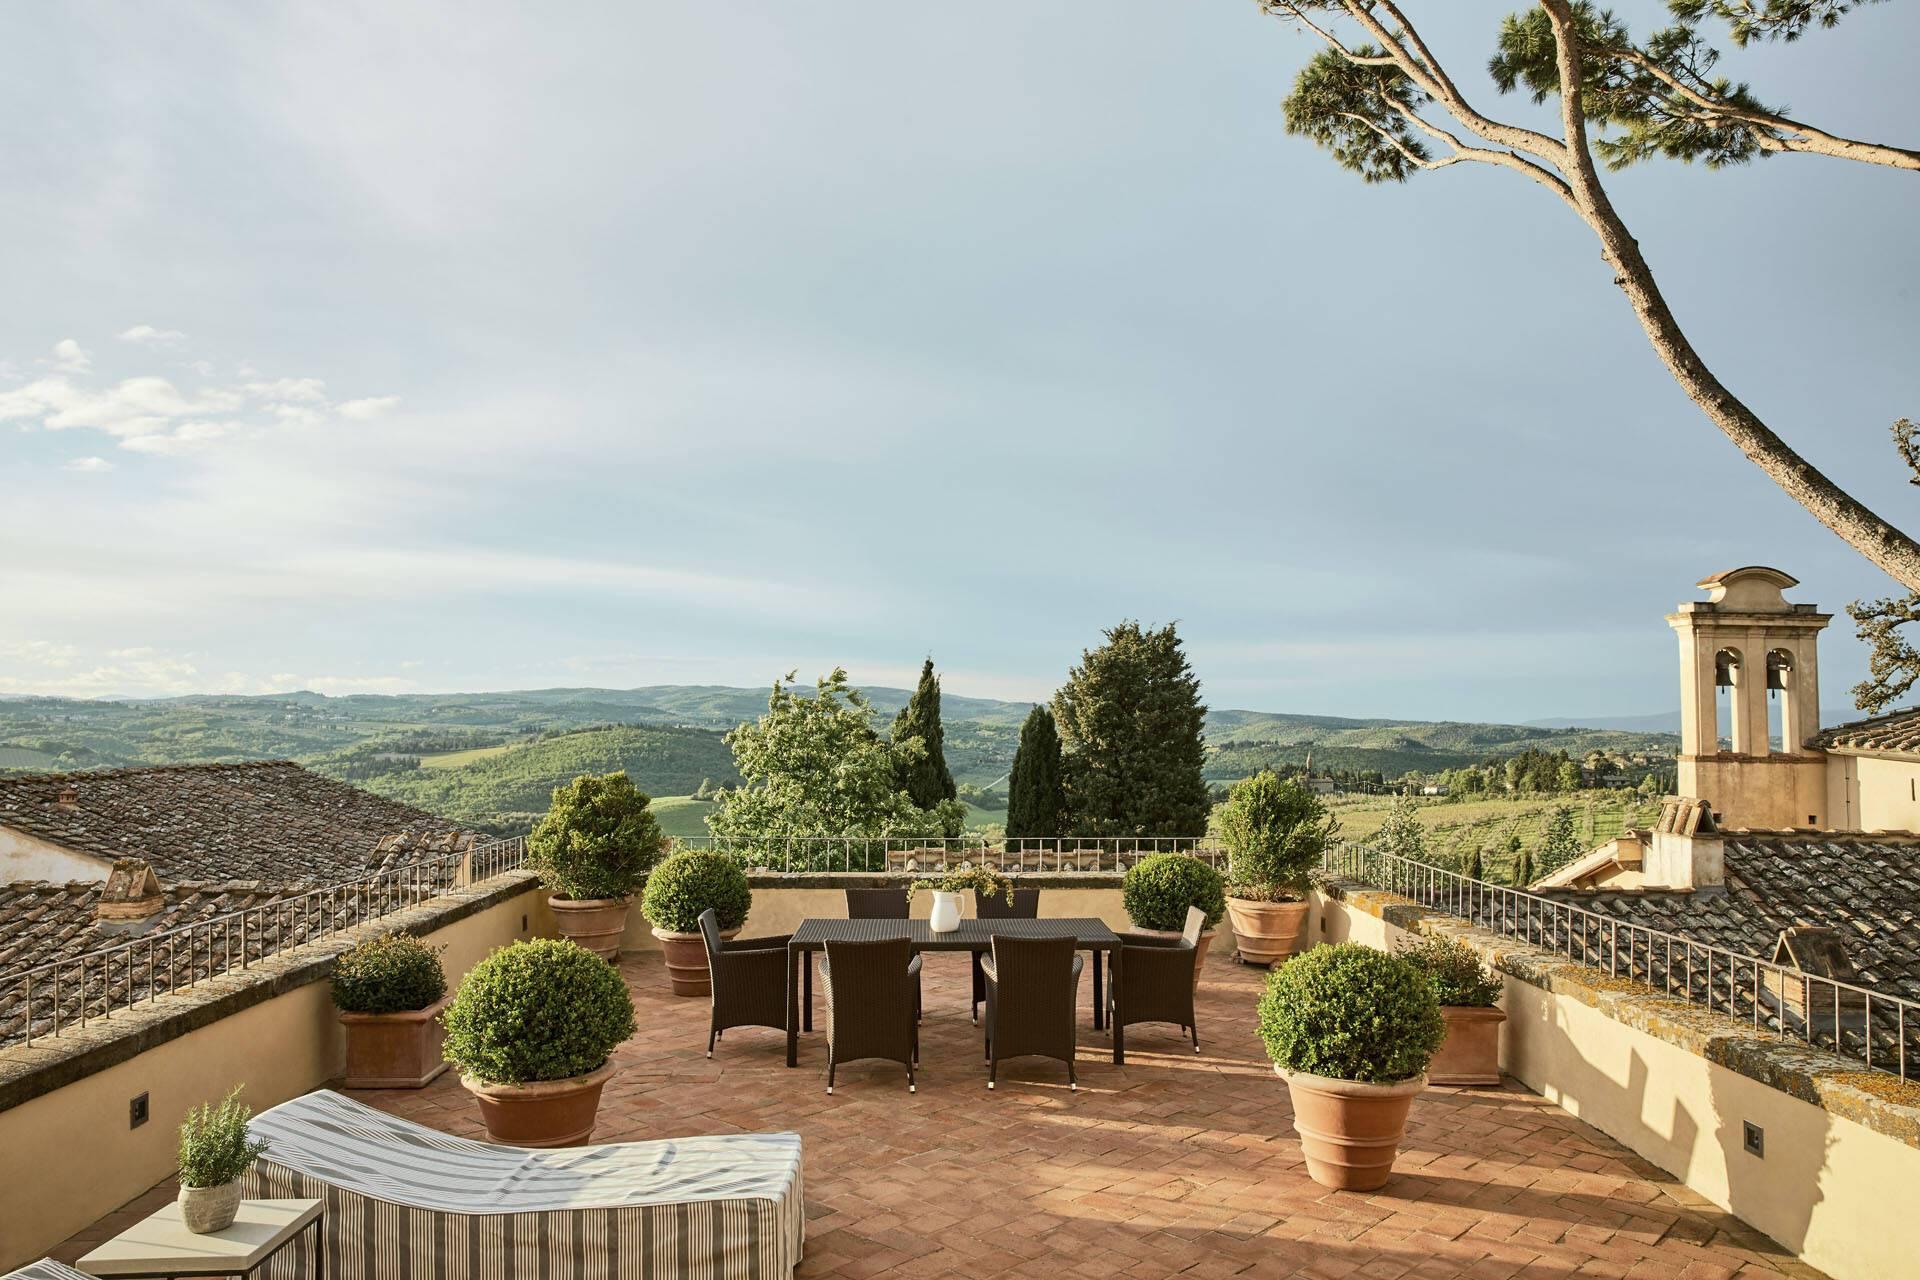 Como Castello del Nero Toscane COMO Terrace Terrasse